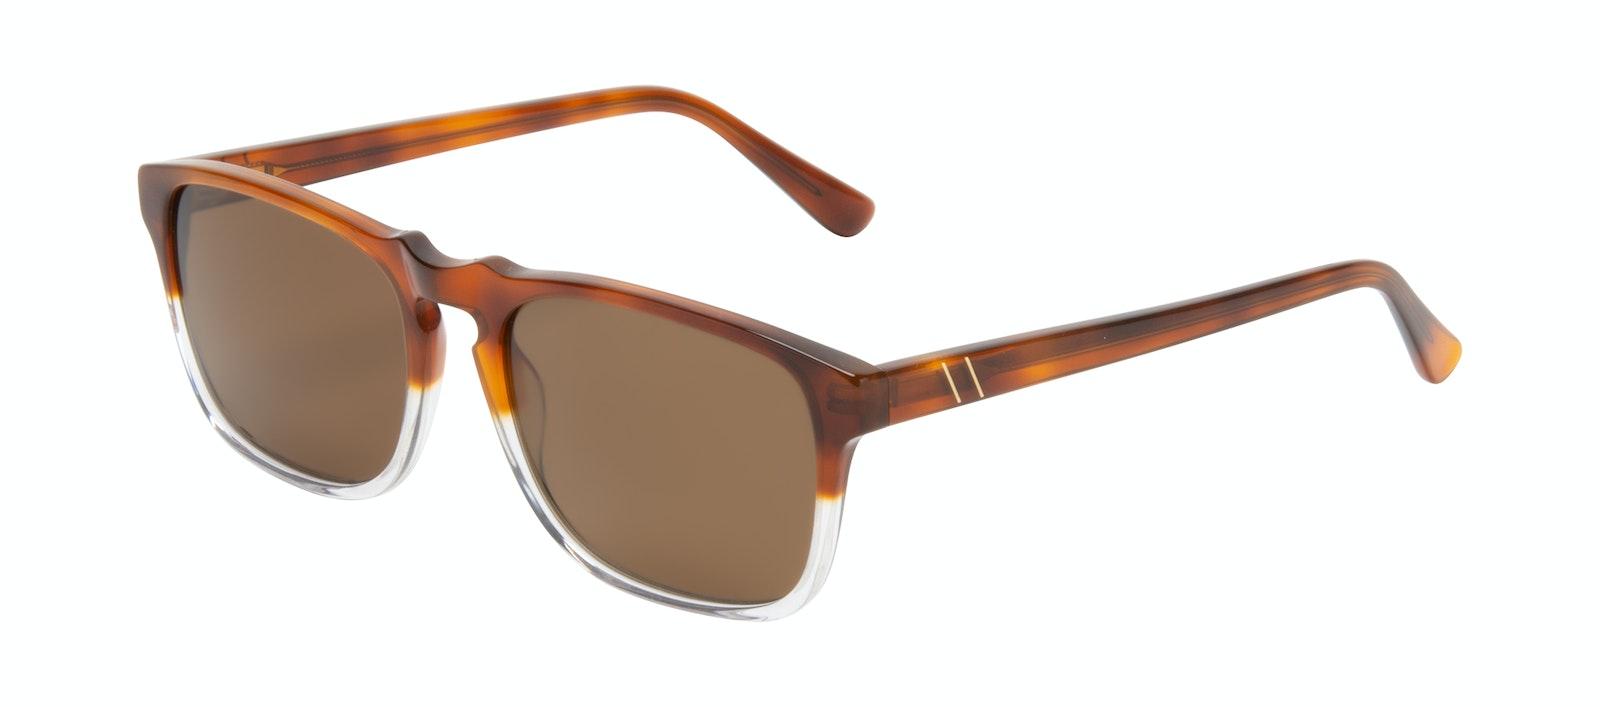 Affordable Fashion Glasses Square Sunglasses Men Raceway Havana Clear Tilt